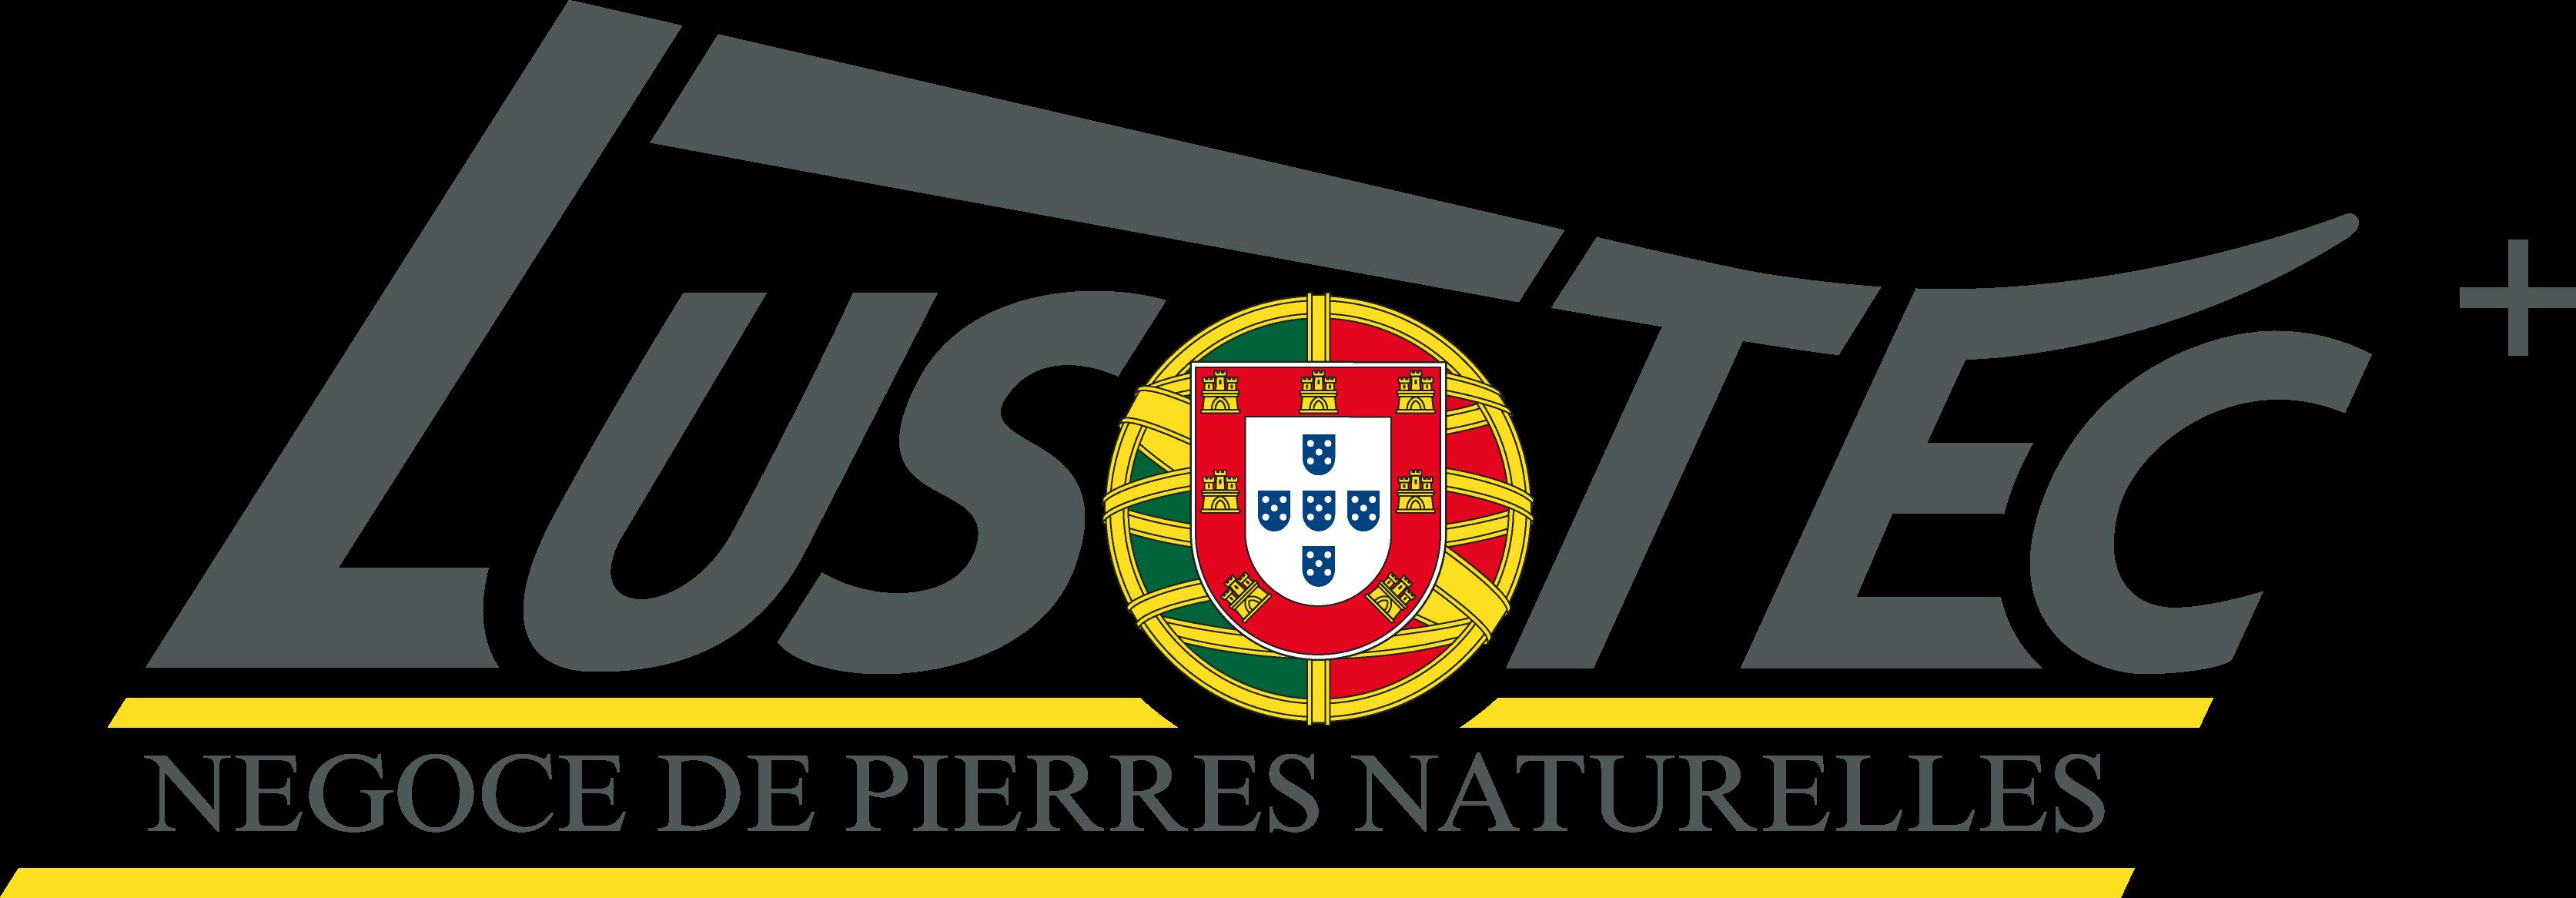 Lusotec Plus - Spécialiste de la pierre naturelle à Cholet (49)